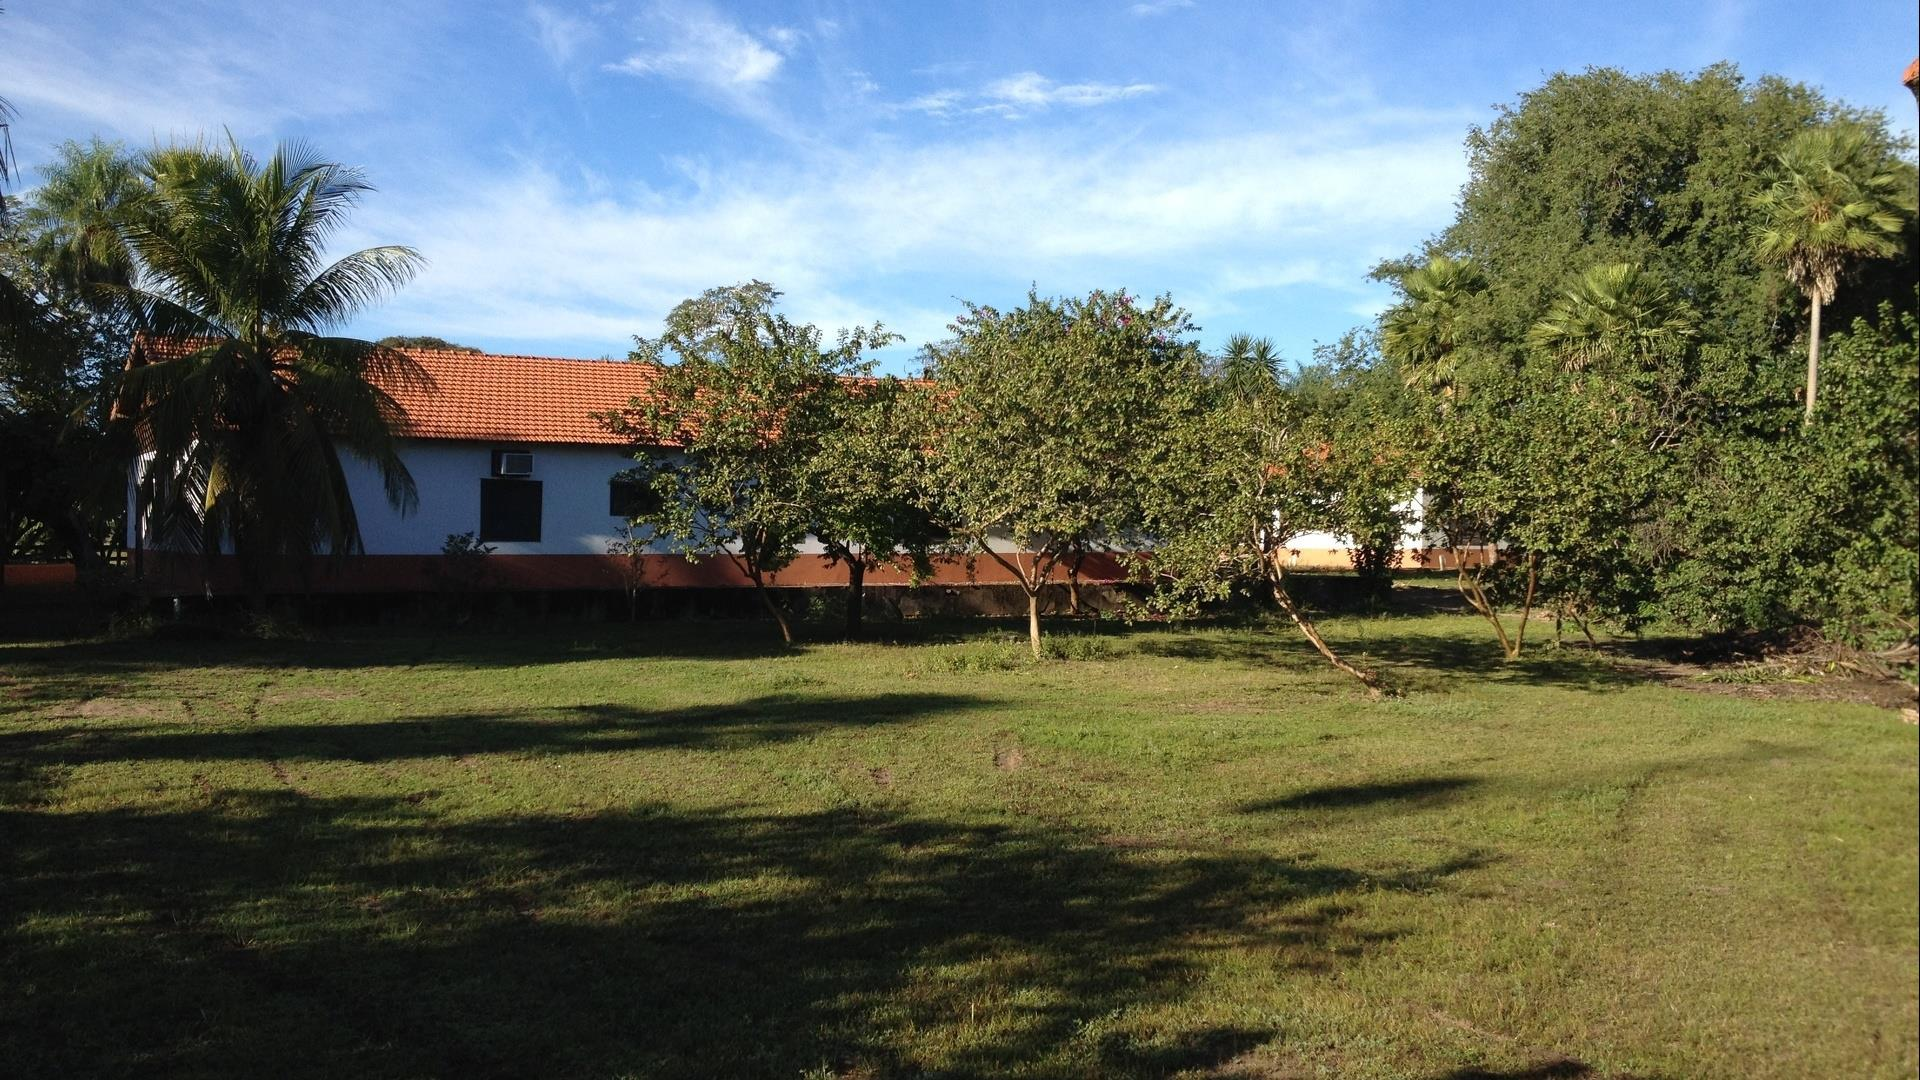 Brasilien Süd Pantanal: Landestypische Unterkunft - Xaraes Lodge, Außenansicht